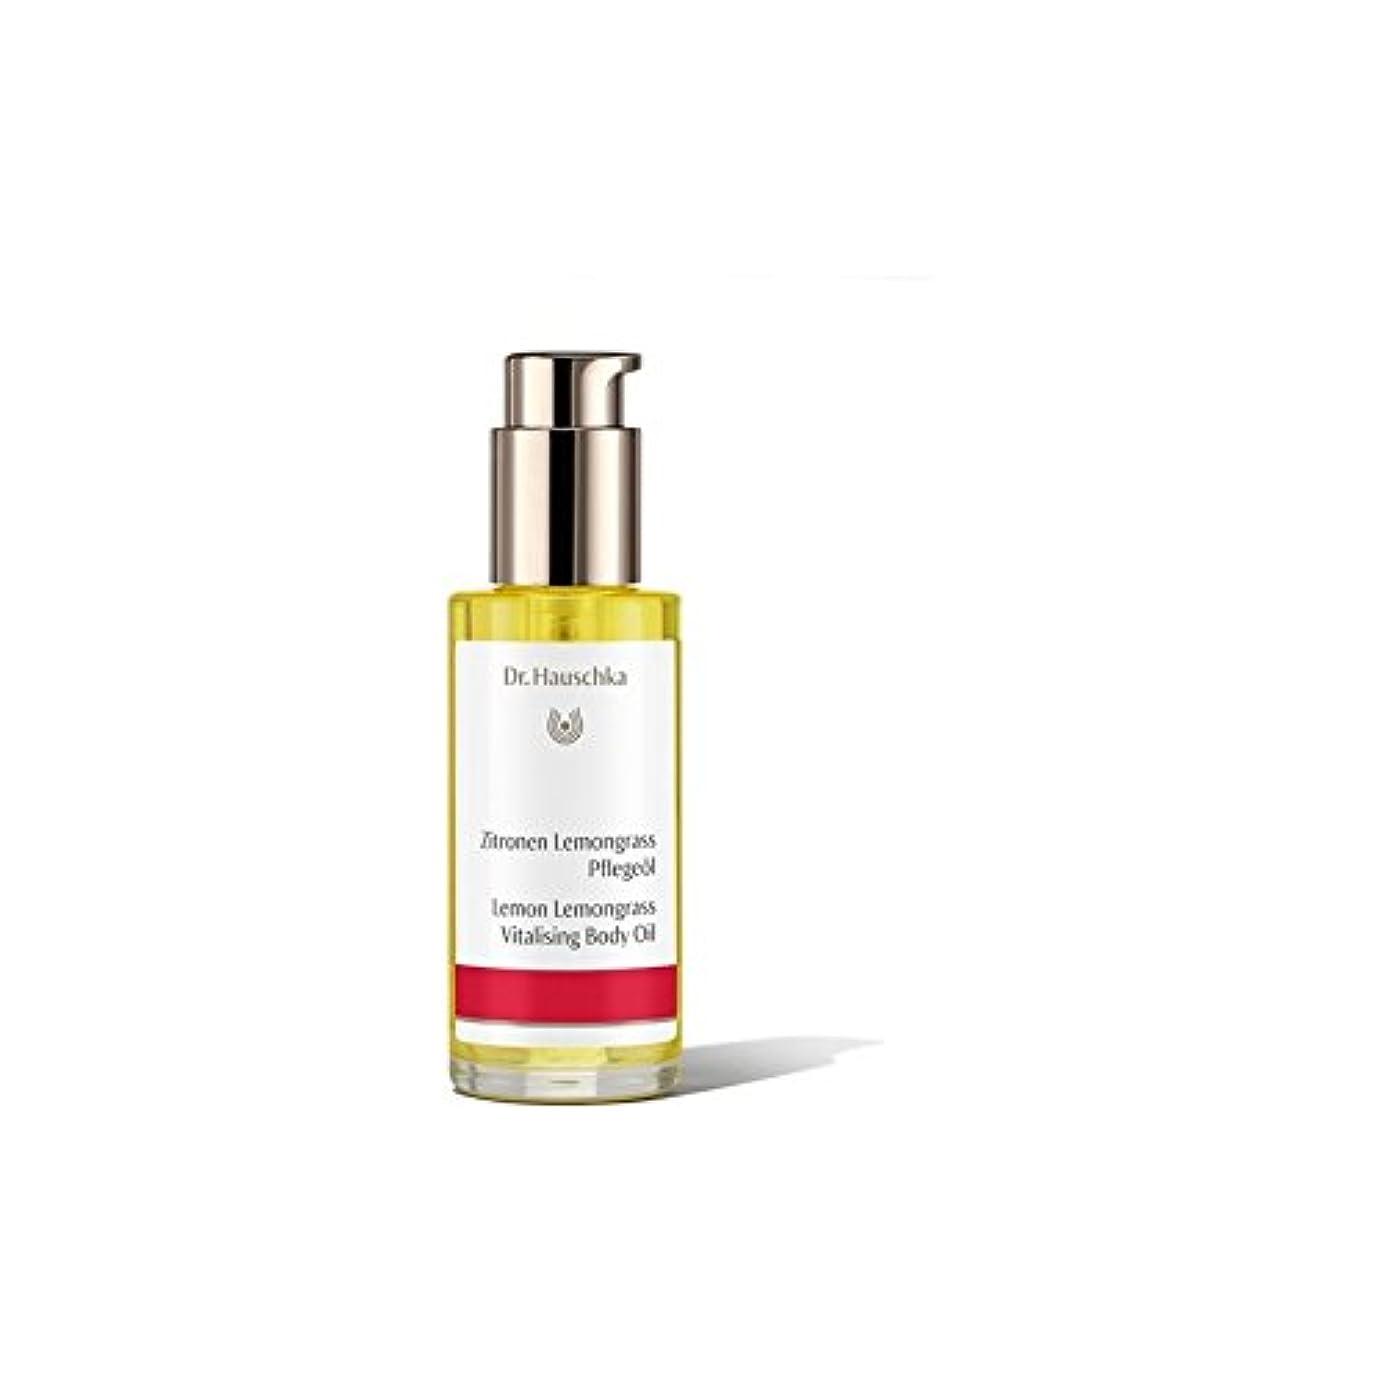 神秘ご予約まだDr. Hauschka Lemon Lemongrass Vitalising Body Oil (75ml) (Pack of 6) - ハウシュカレモンレモングラスボディオイル(75ミリリットル) x6 [並行輸入品]